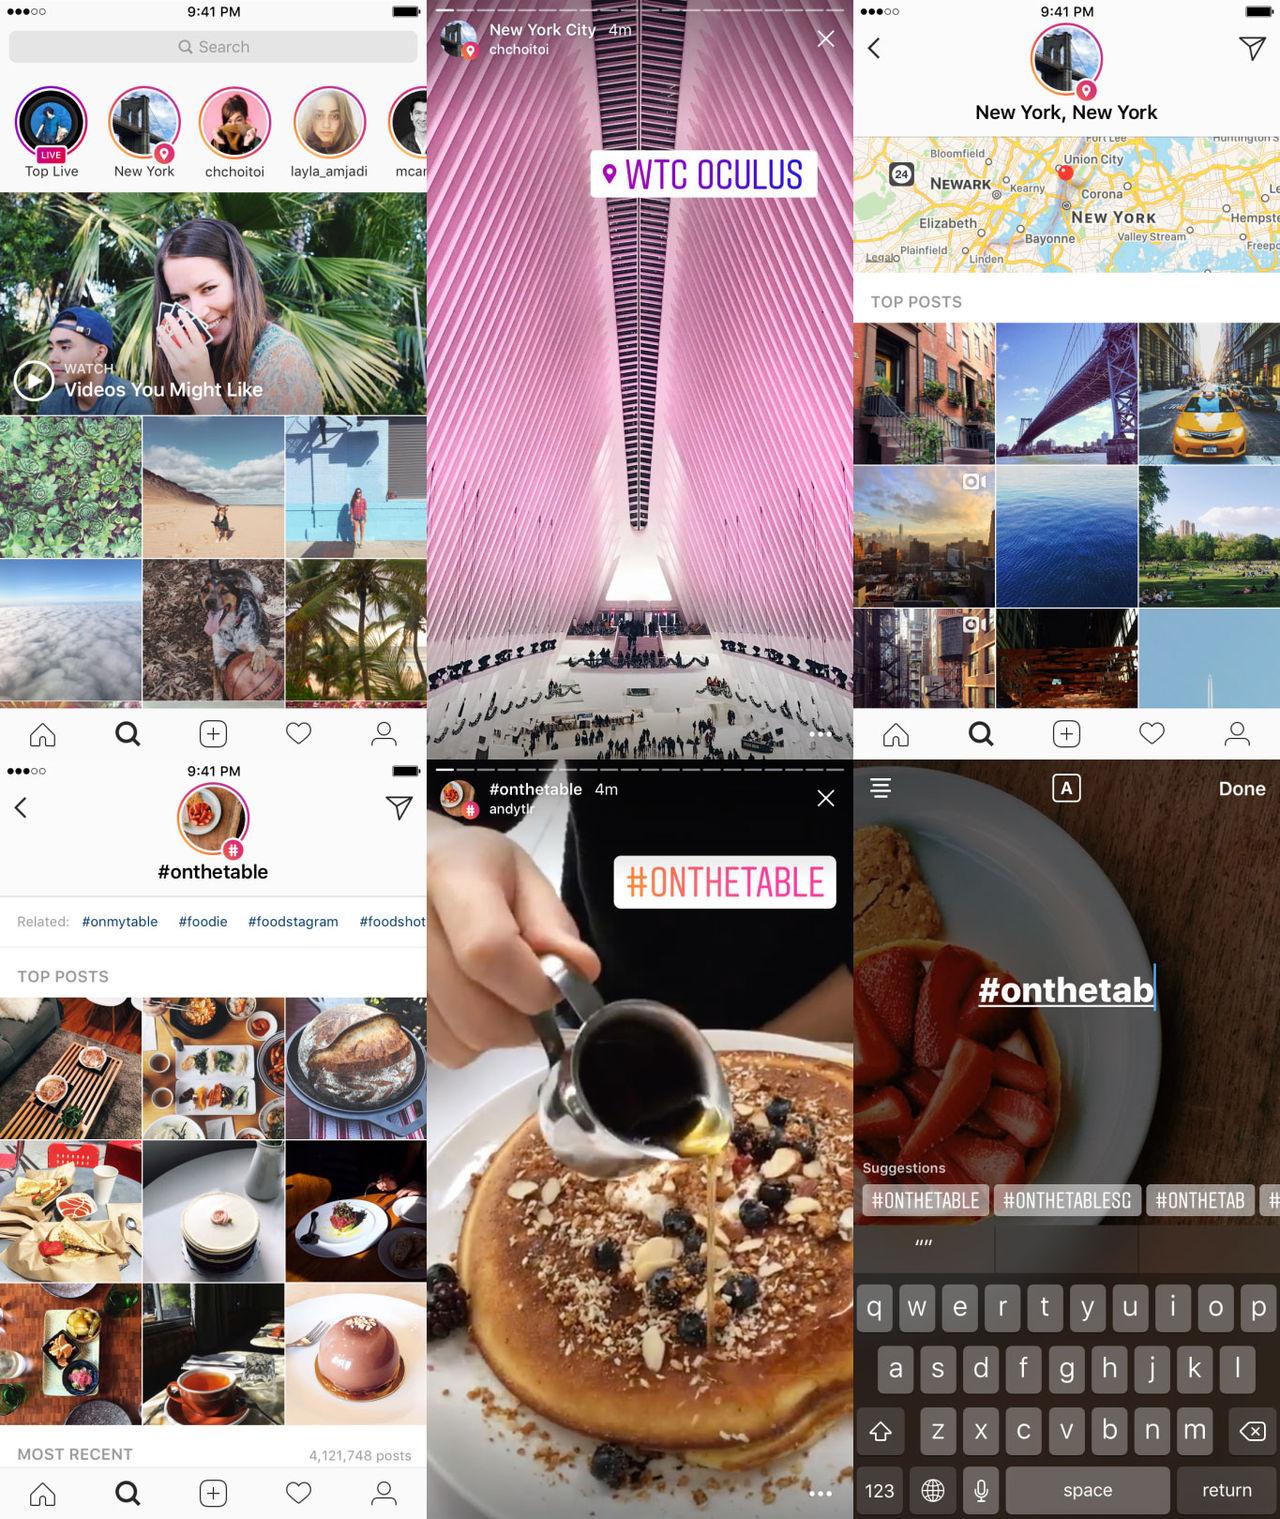 Hitta Instagram Stories med hjälp av plats och hashtag